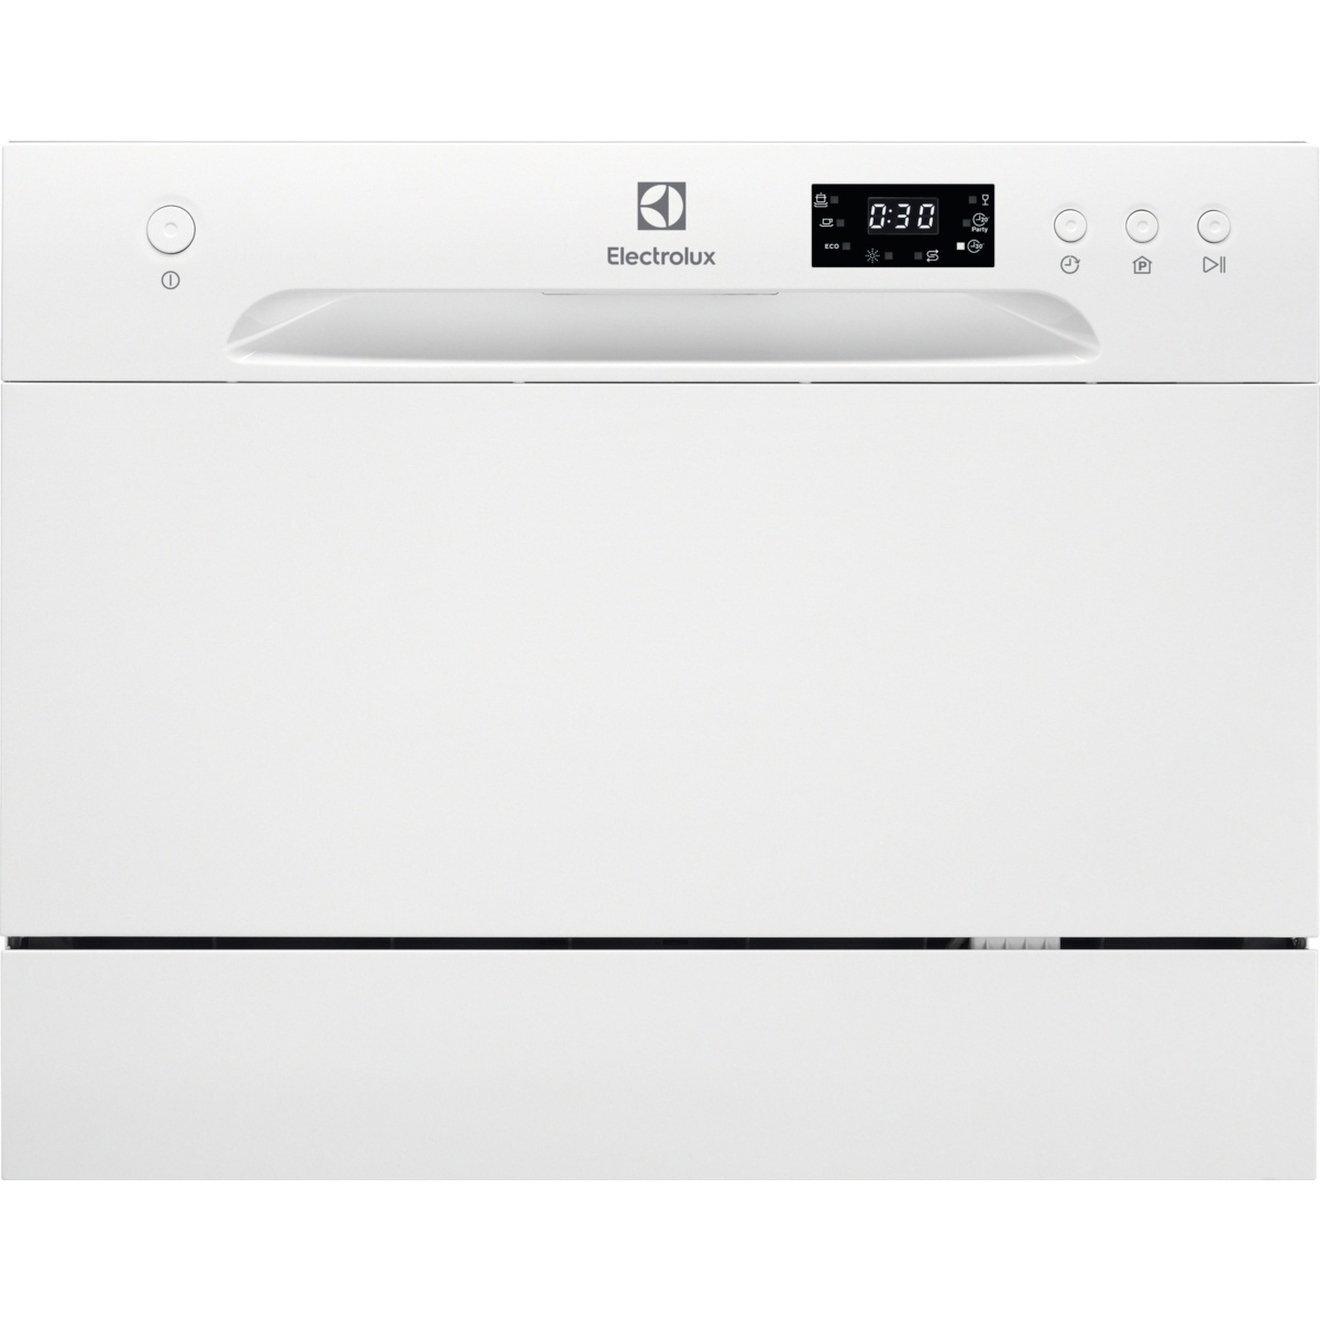 Посудомоечная машина Electrolux ESF 2400 OW фото 1